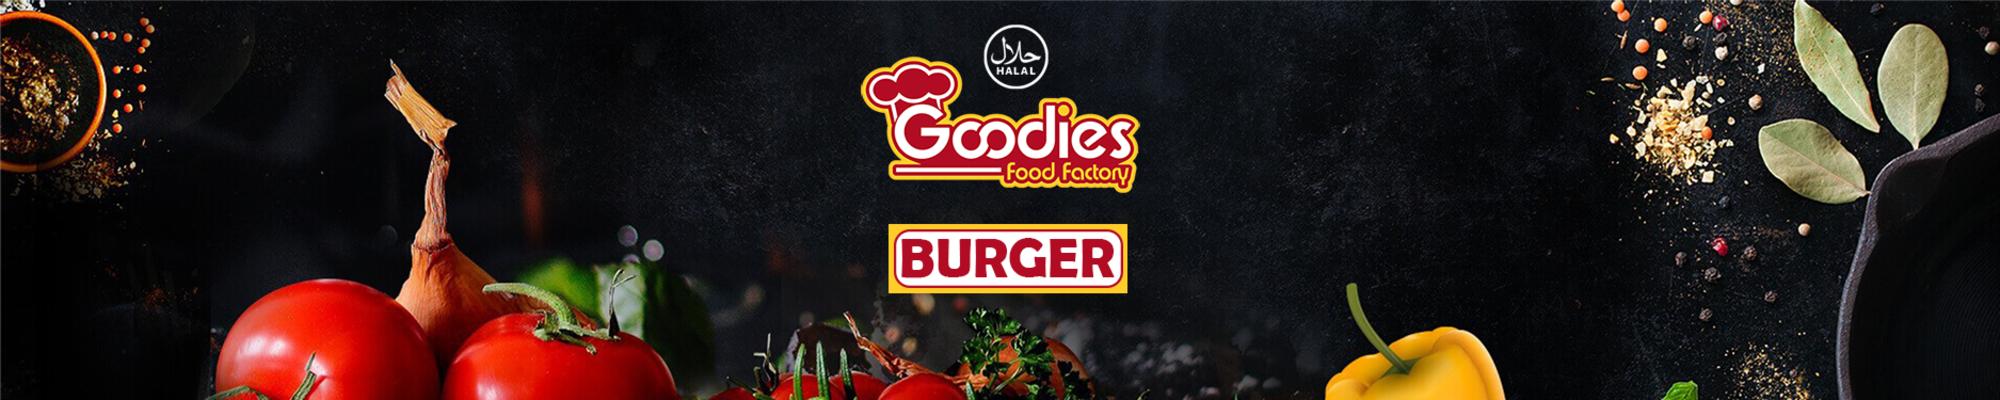 Goodies Food Factory Warengruppenbild